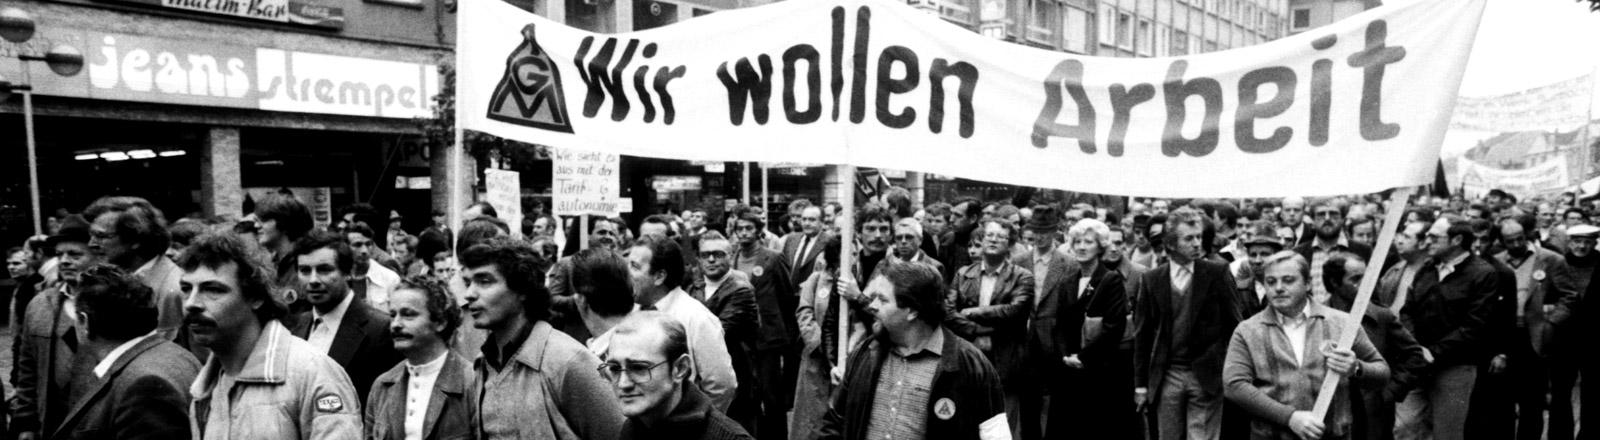 Streikende laufen durch eine Straße und halten Plakate hoch